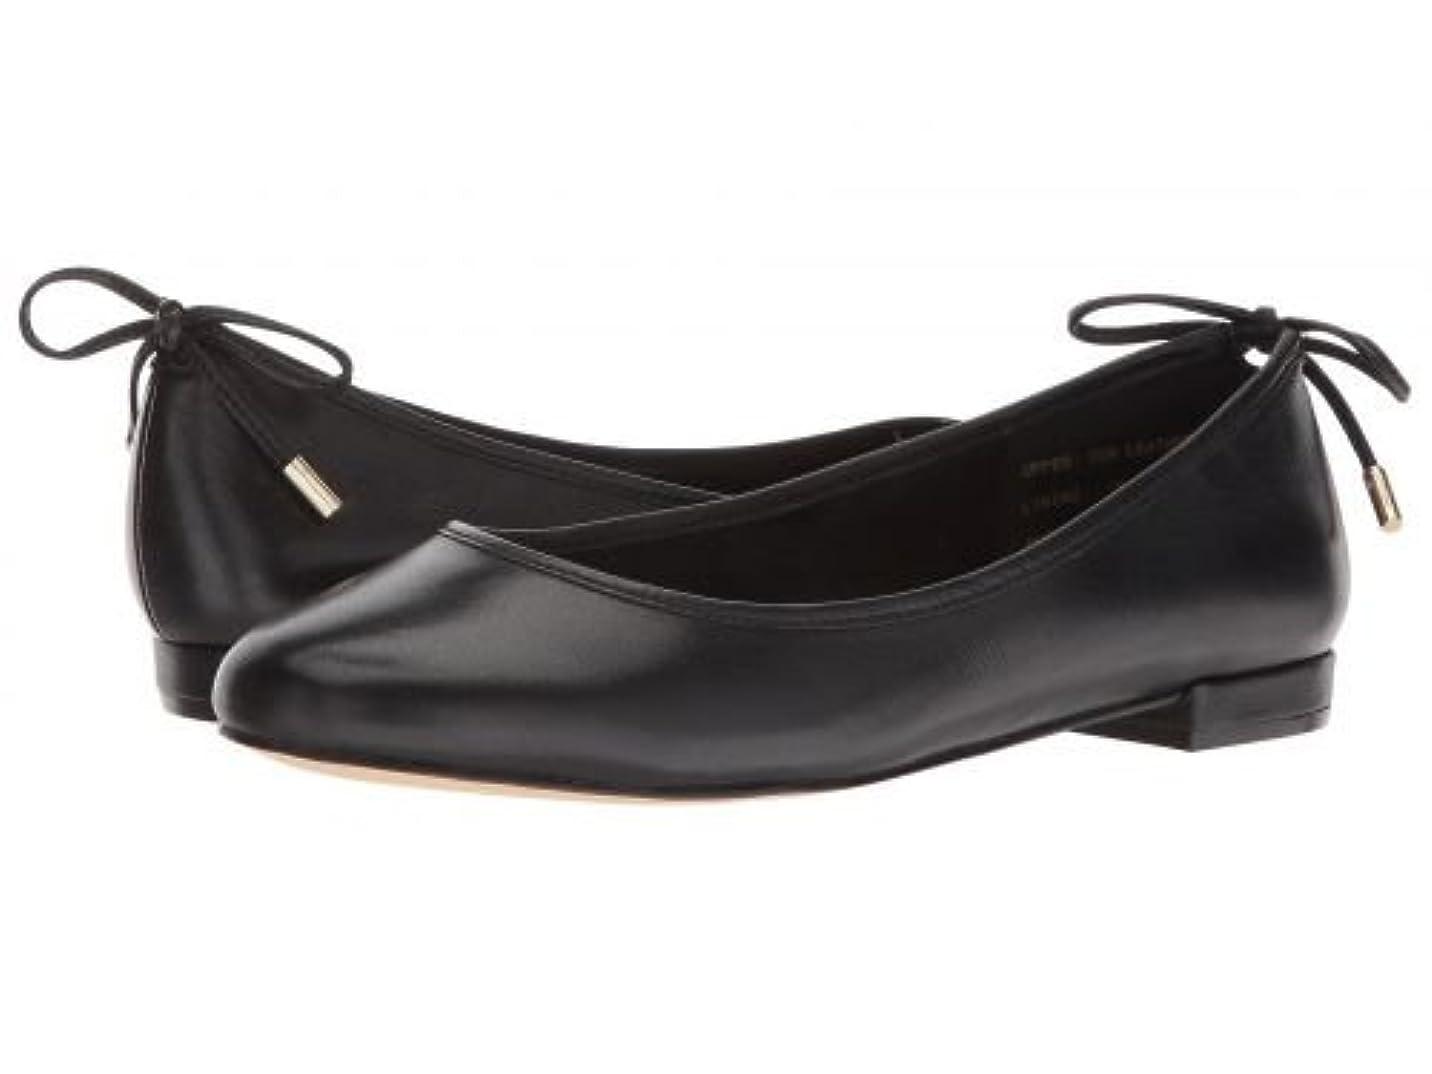 アパート動かない繰り返したAldo(アルド) レディース 女性用 シューズ 靴 フラット Broalia - Black Leather [並行輸入品]